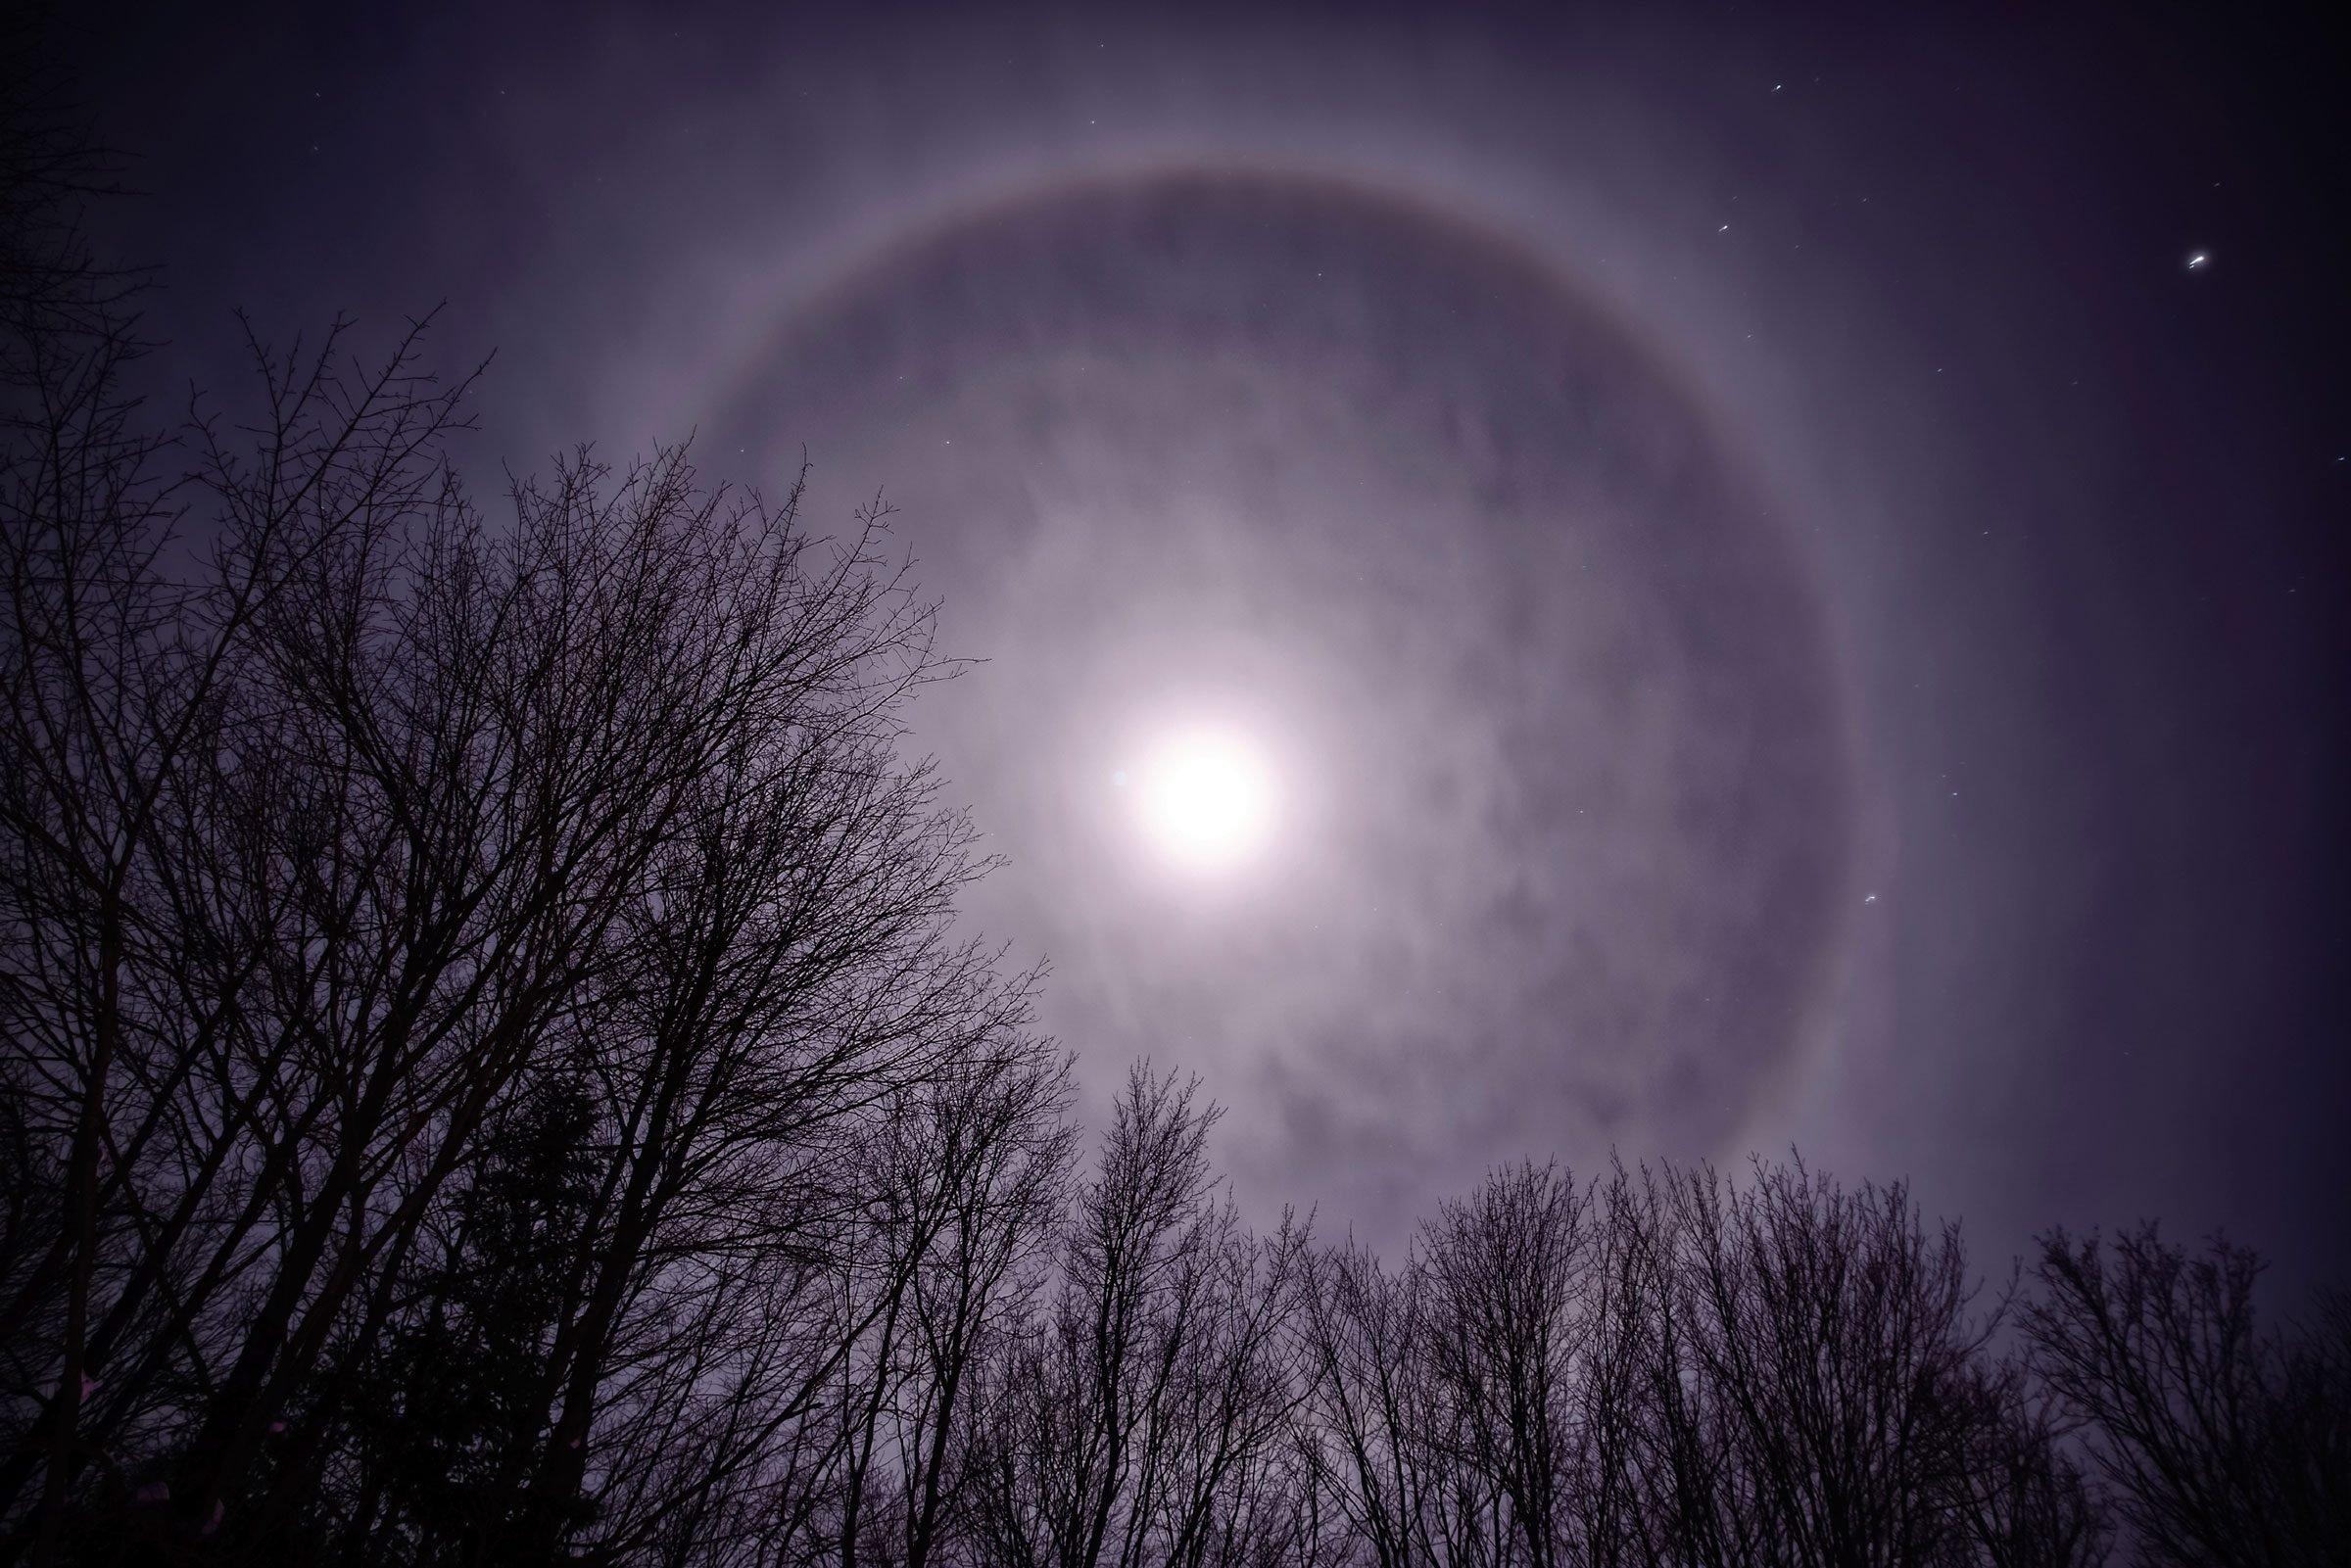 natural phenomenon moonbows